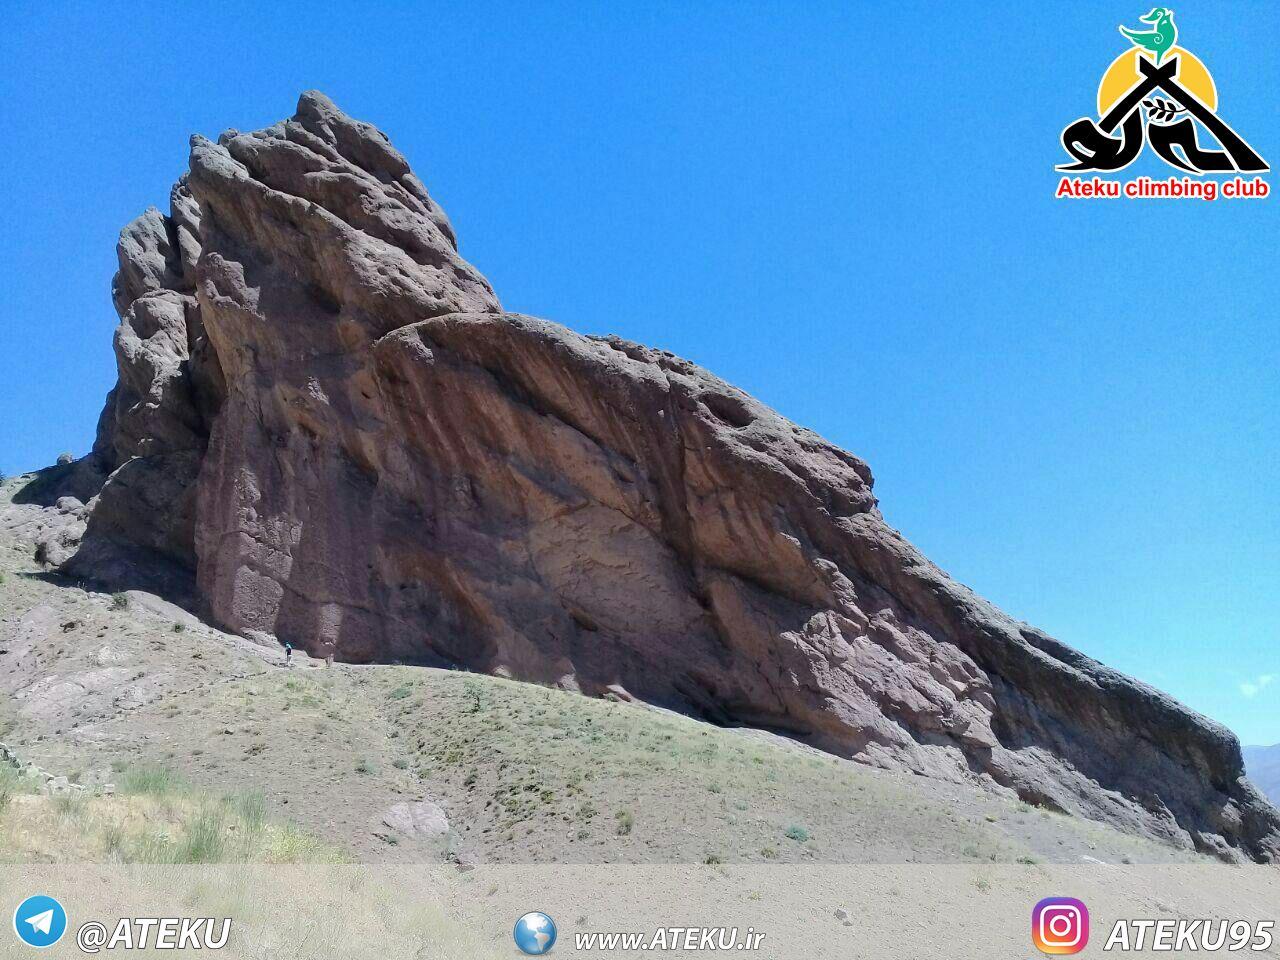 باشگاه-کوه-نوردی-اته-کو-قلعه-حسن-صباح-الموت (1)